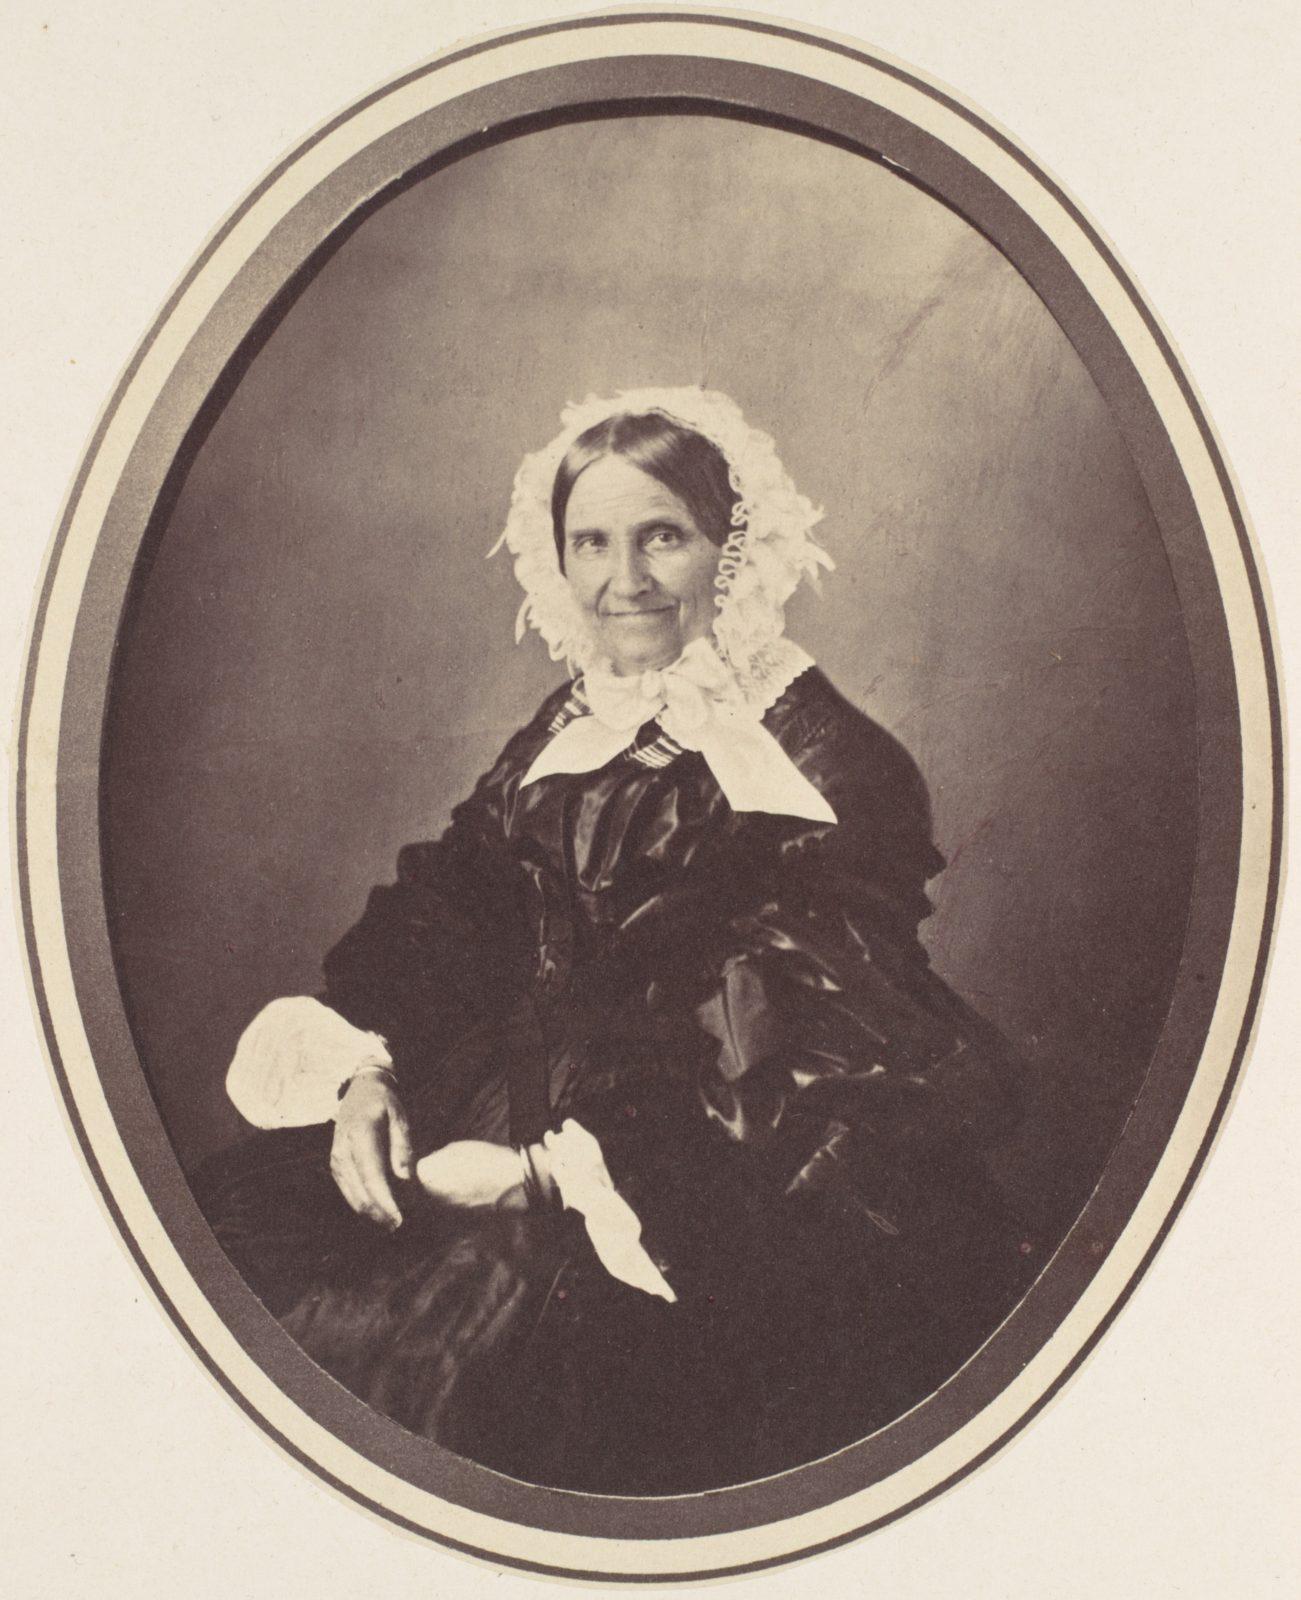 [Portrait of an Elderly Woman]